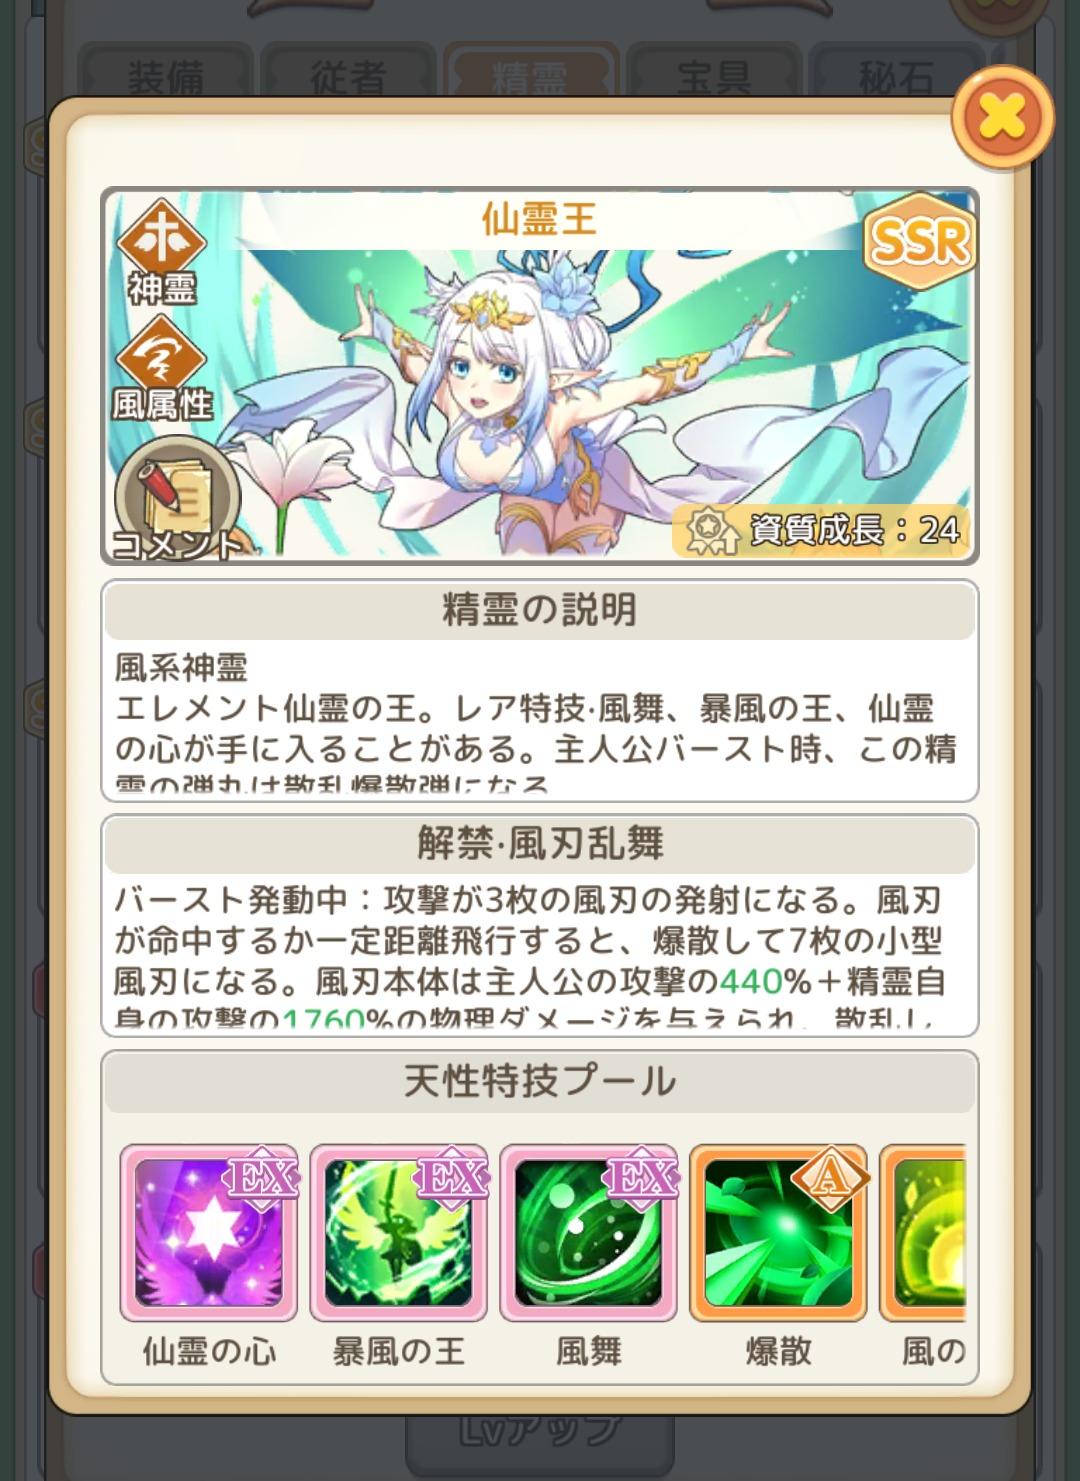 エースアーチャーの仙霊王画像